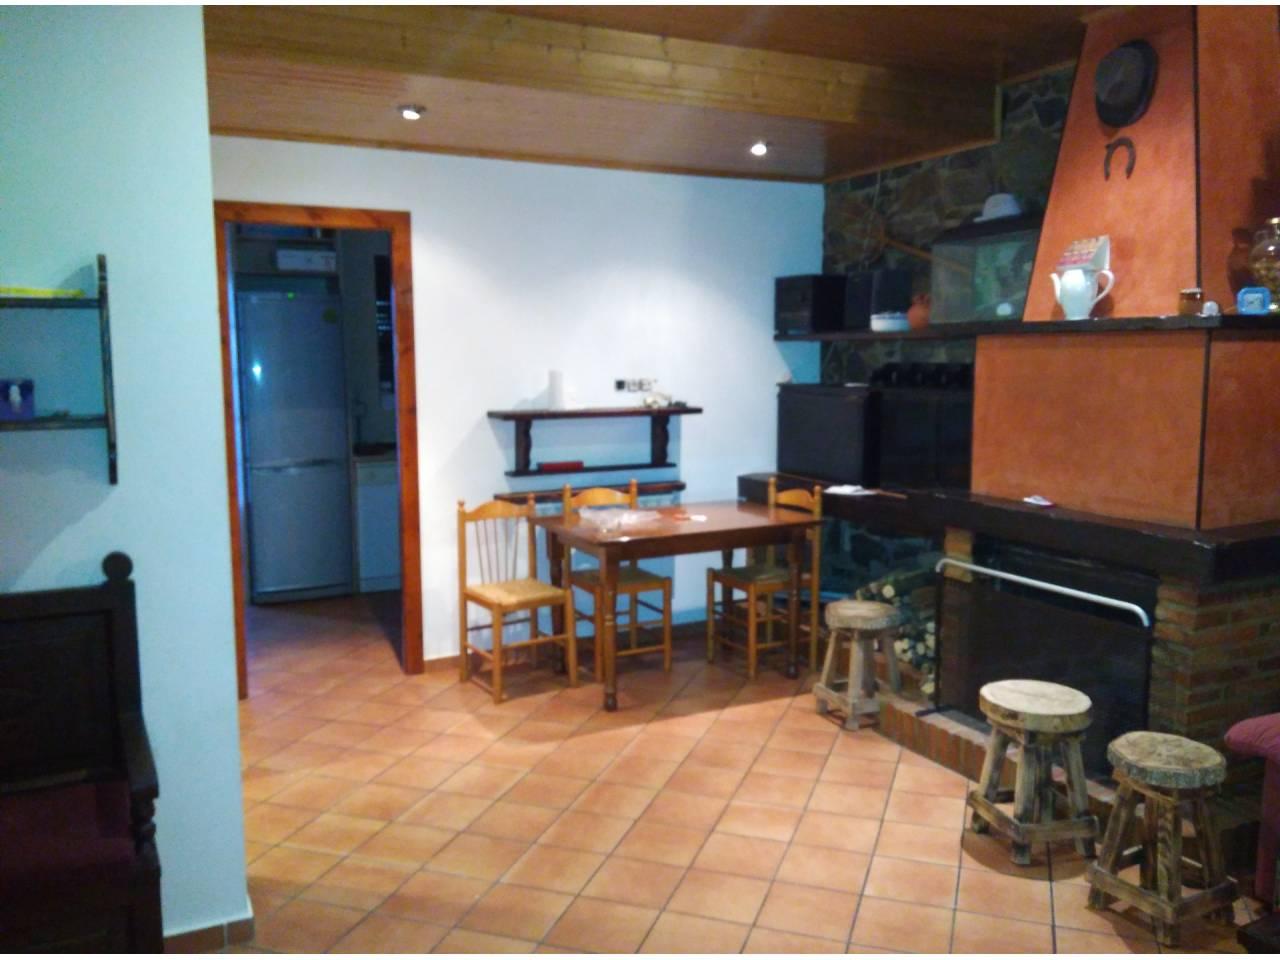 Casa  Carretera. Casa adosada de dos plantas, en venta en Callús de 140 m2 de pie